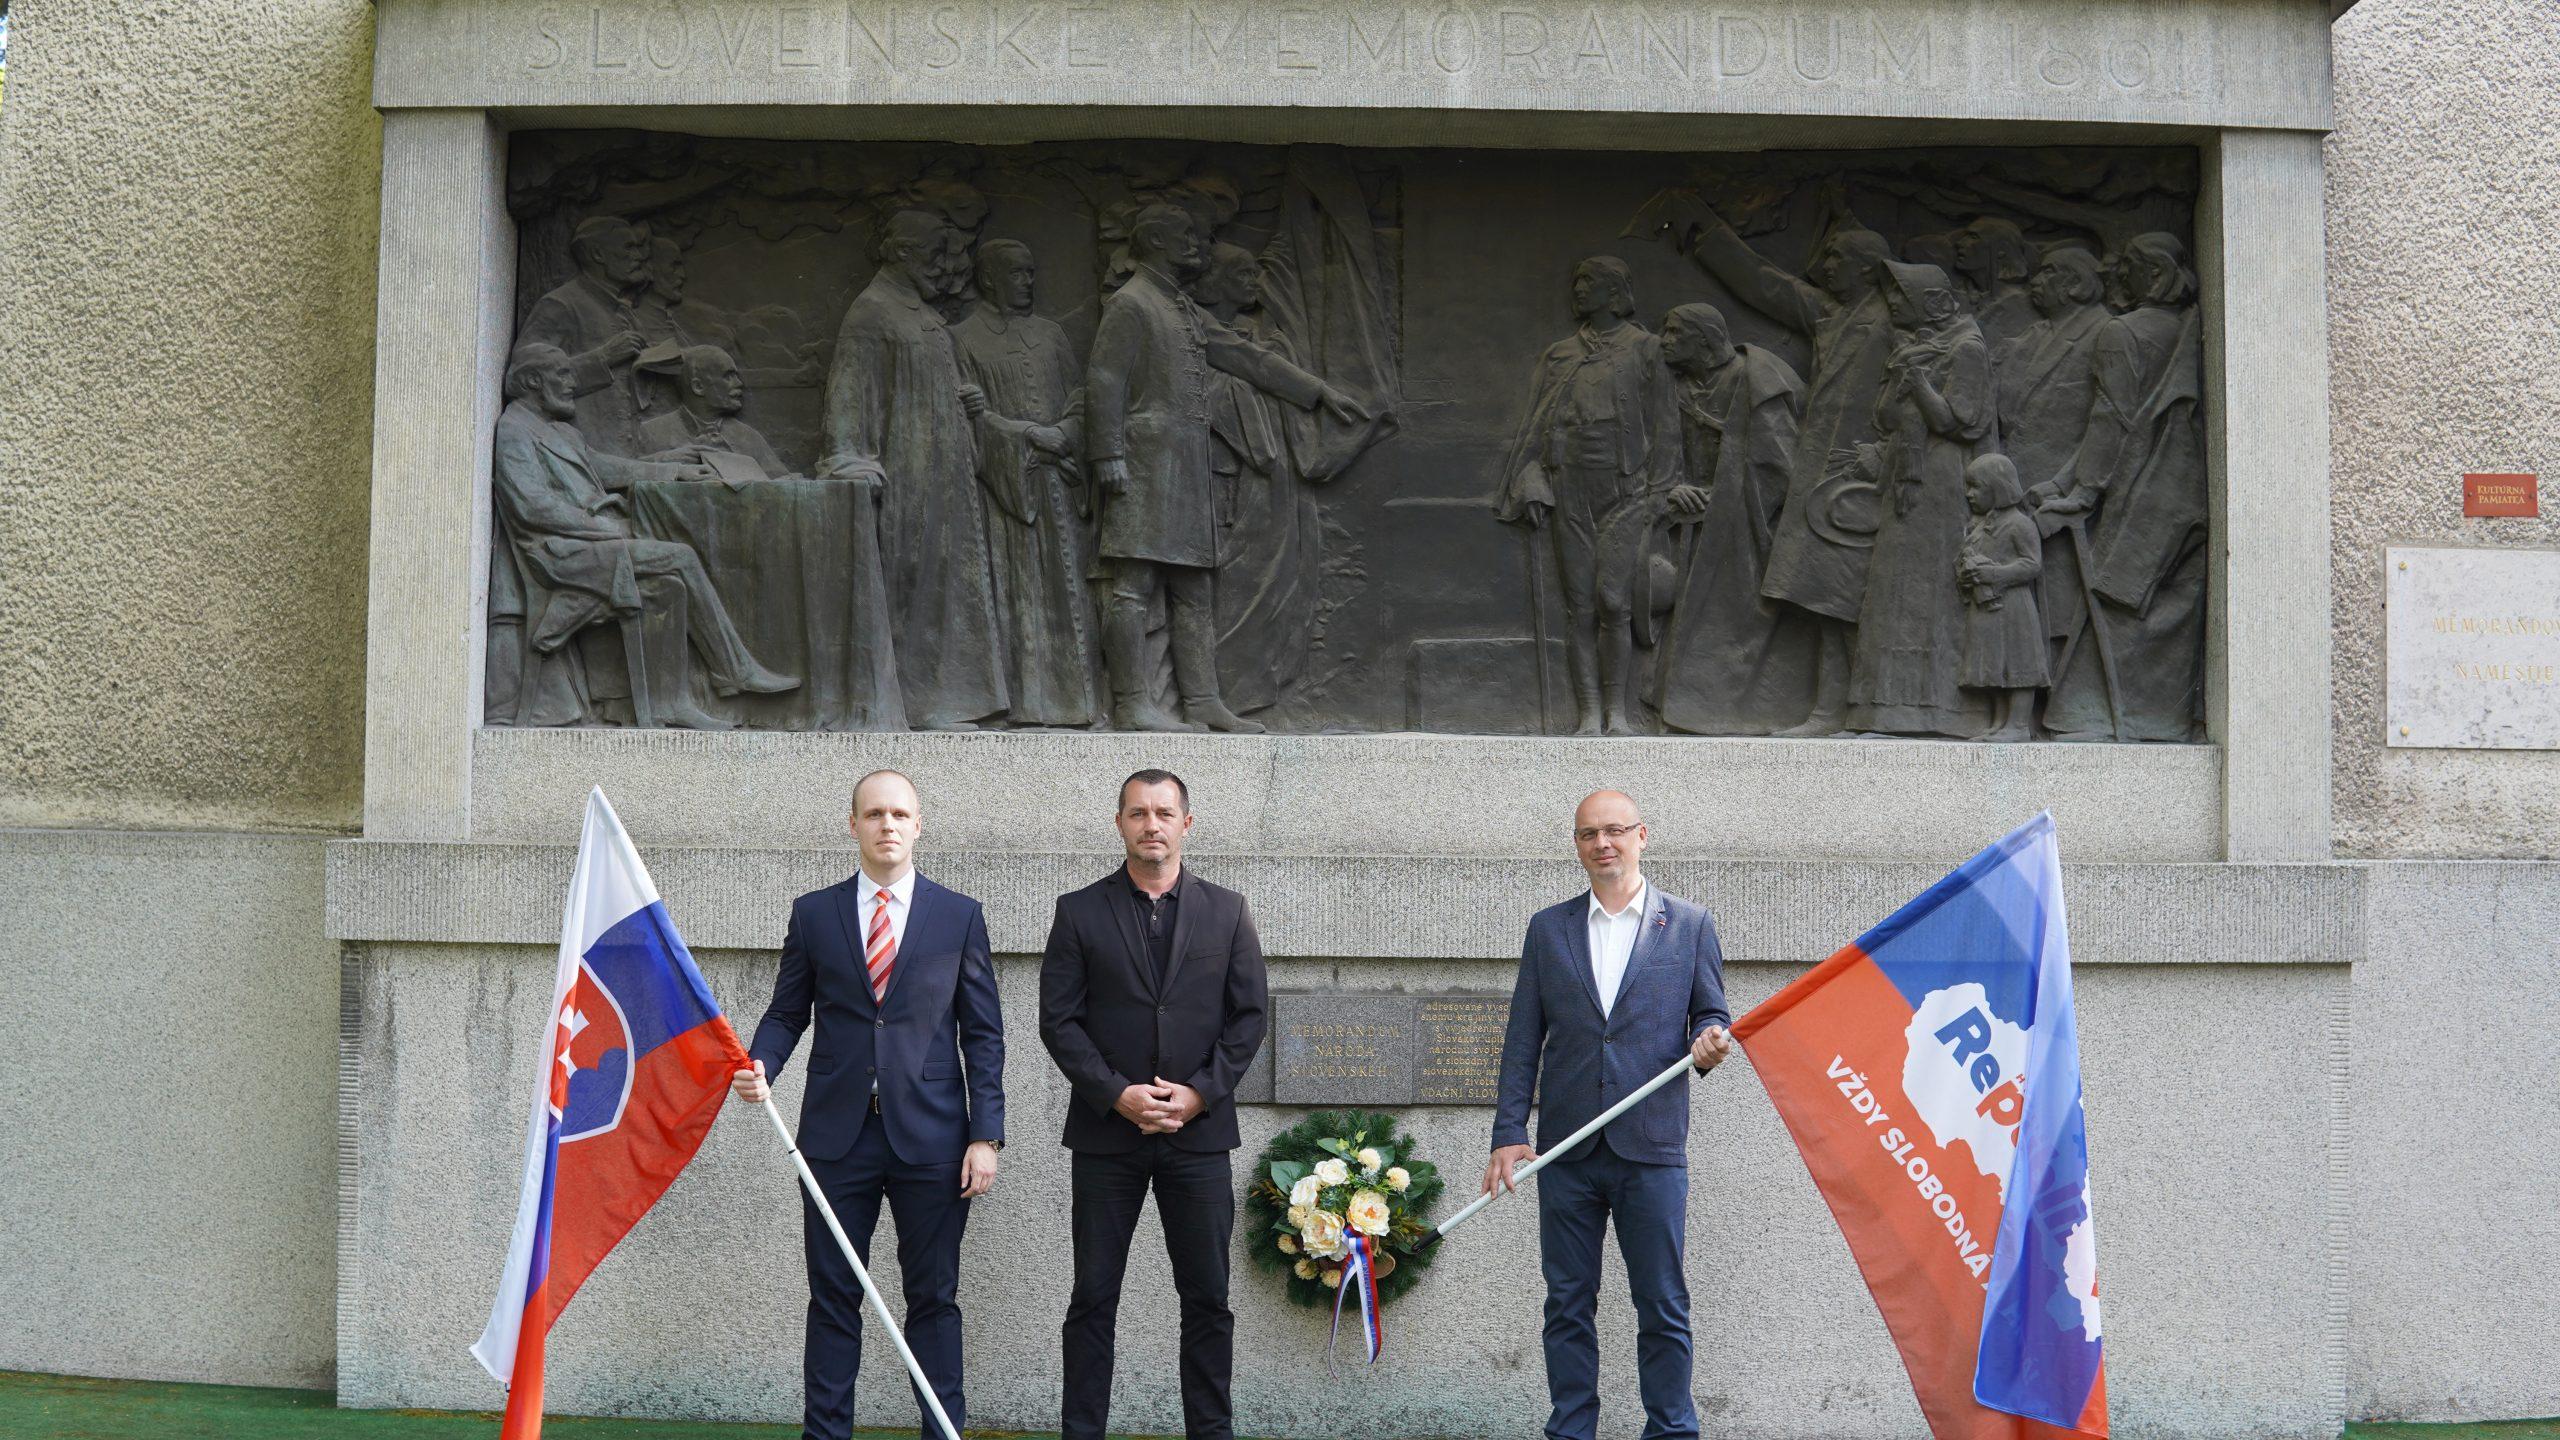 Zápas za Slovensko, za slobodu národa, za zachovanie našej existencie je stále aktuálny. V Martine sme si dnes pripomenuli 160. výročie Memoranda národa slovenského, ktoré bolo prijaté na prvom celonárodnom zhromaždení slovenského národa v roku 1861.     Dnes sa žiaľ zabúda na veľké činy a obetu našich predkov, vďaka ktorým môžeme žiť […]